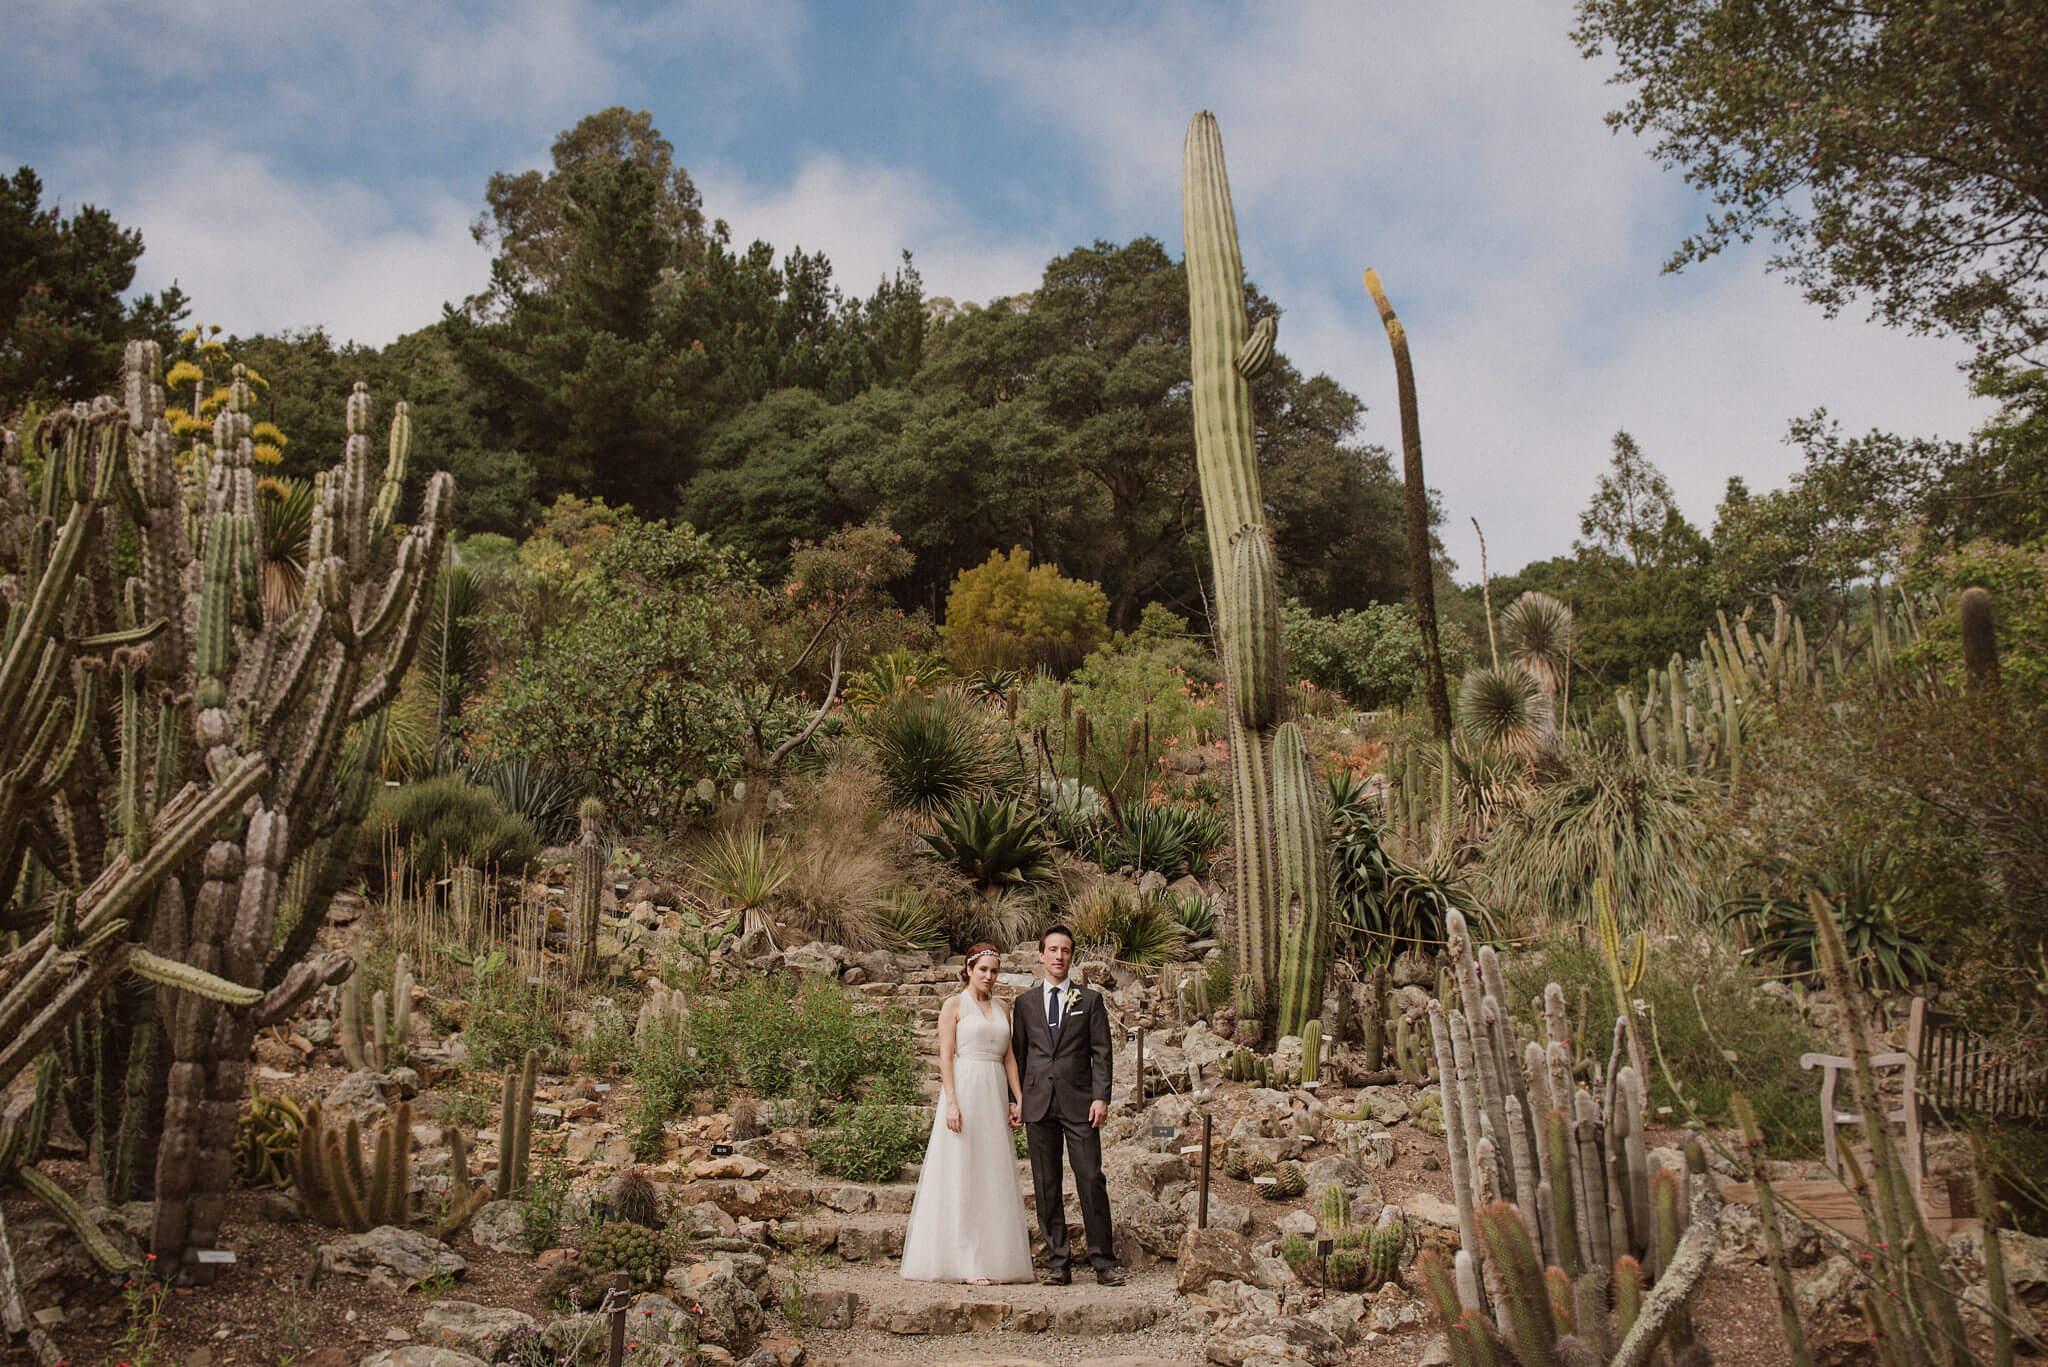 Berkeley Botanical Garden Elopement | Fine Art Wedding Photographer ...